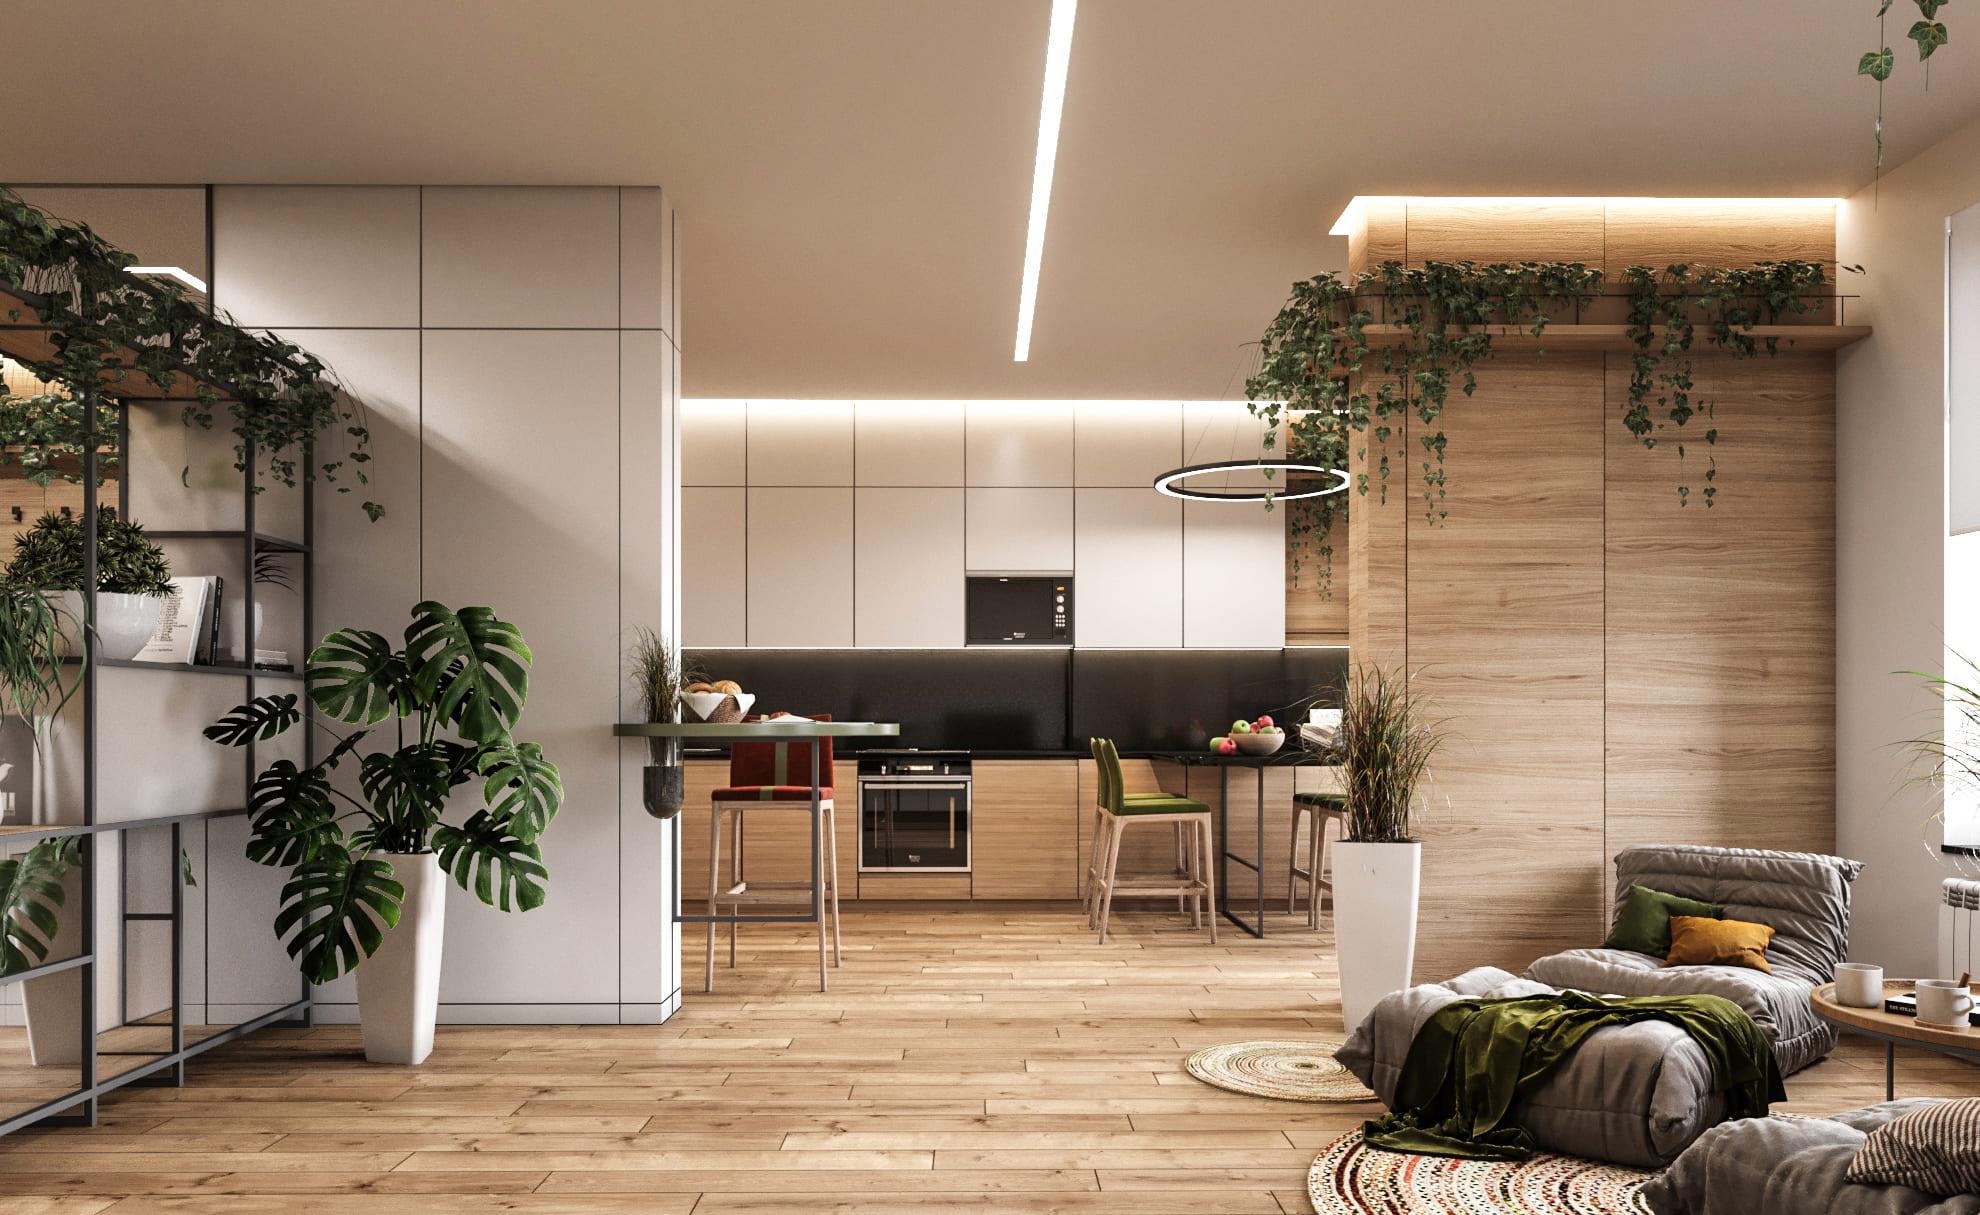 сучасний дизайн інтер'єру квартири в ЖК Меридіан